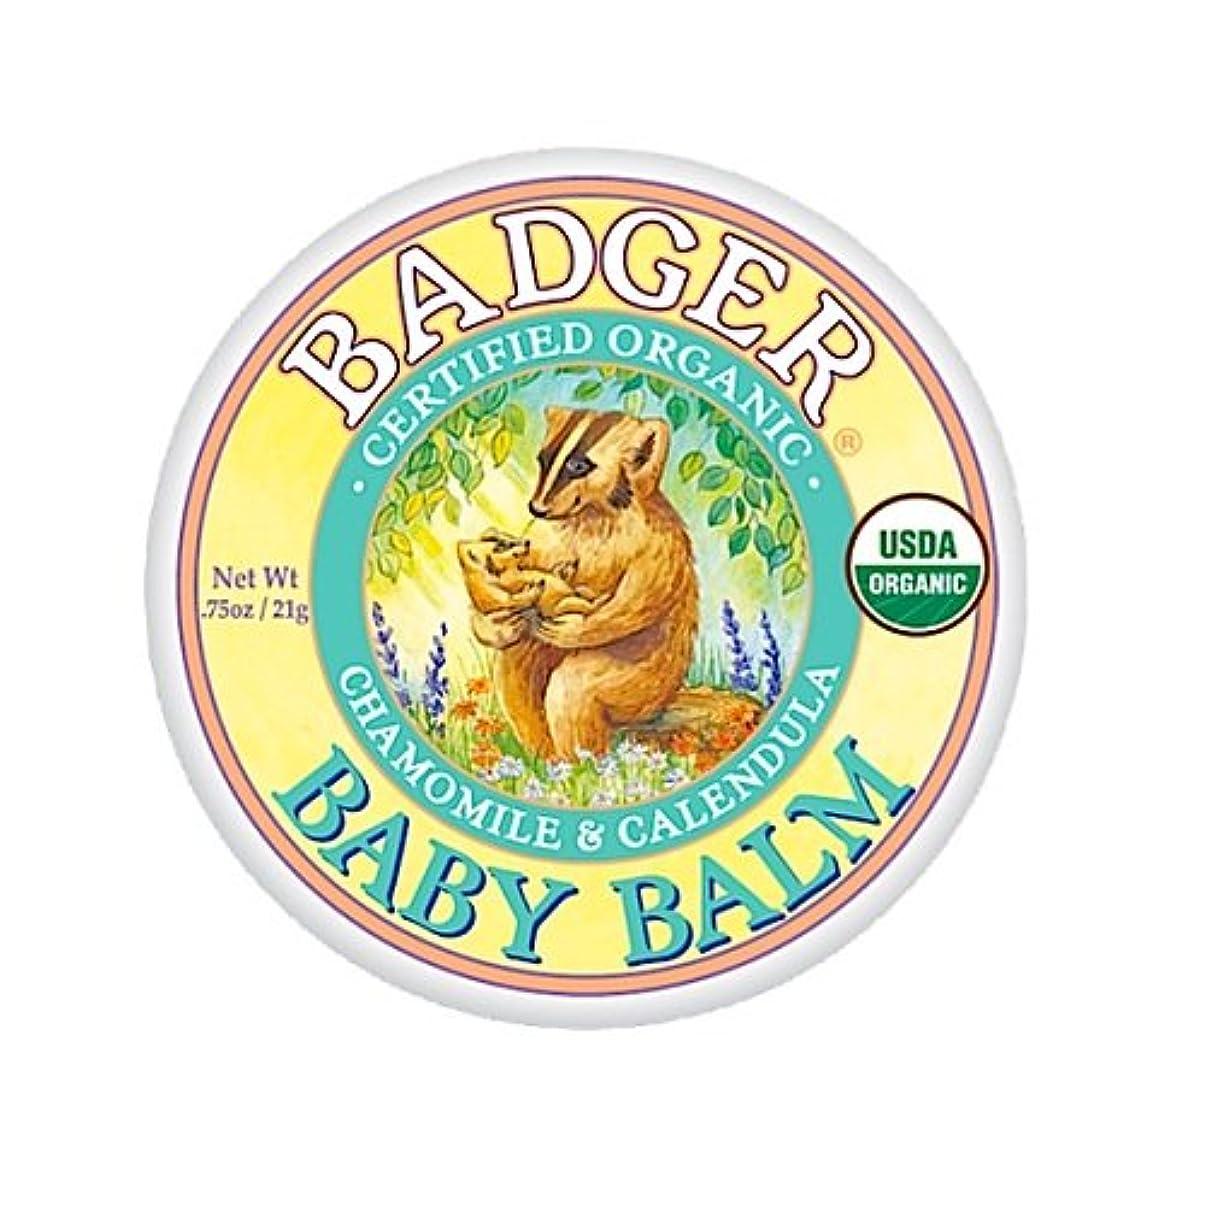 光沢ベル署名Badger バジャー オーガニックベビークリーム カモミール & カレンドラ 21g【海外直送品】【並行輸入品】